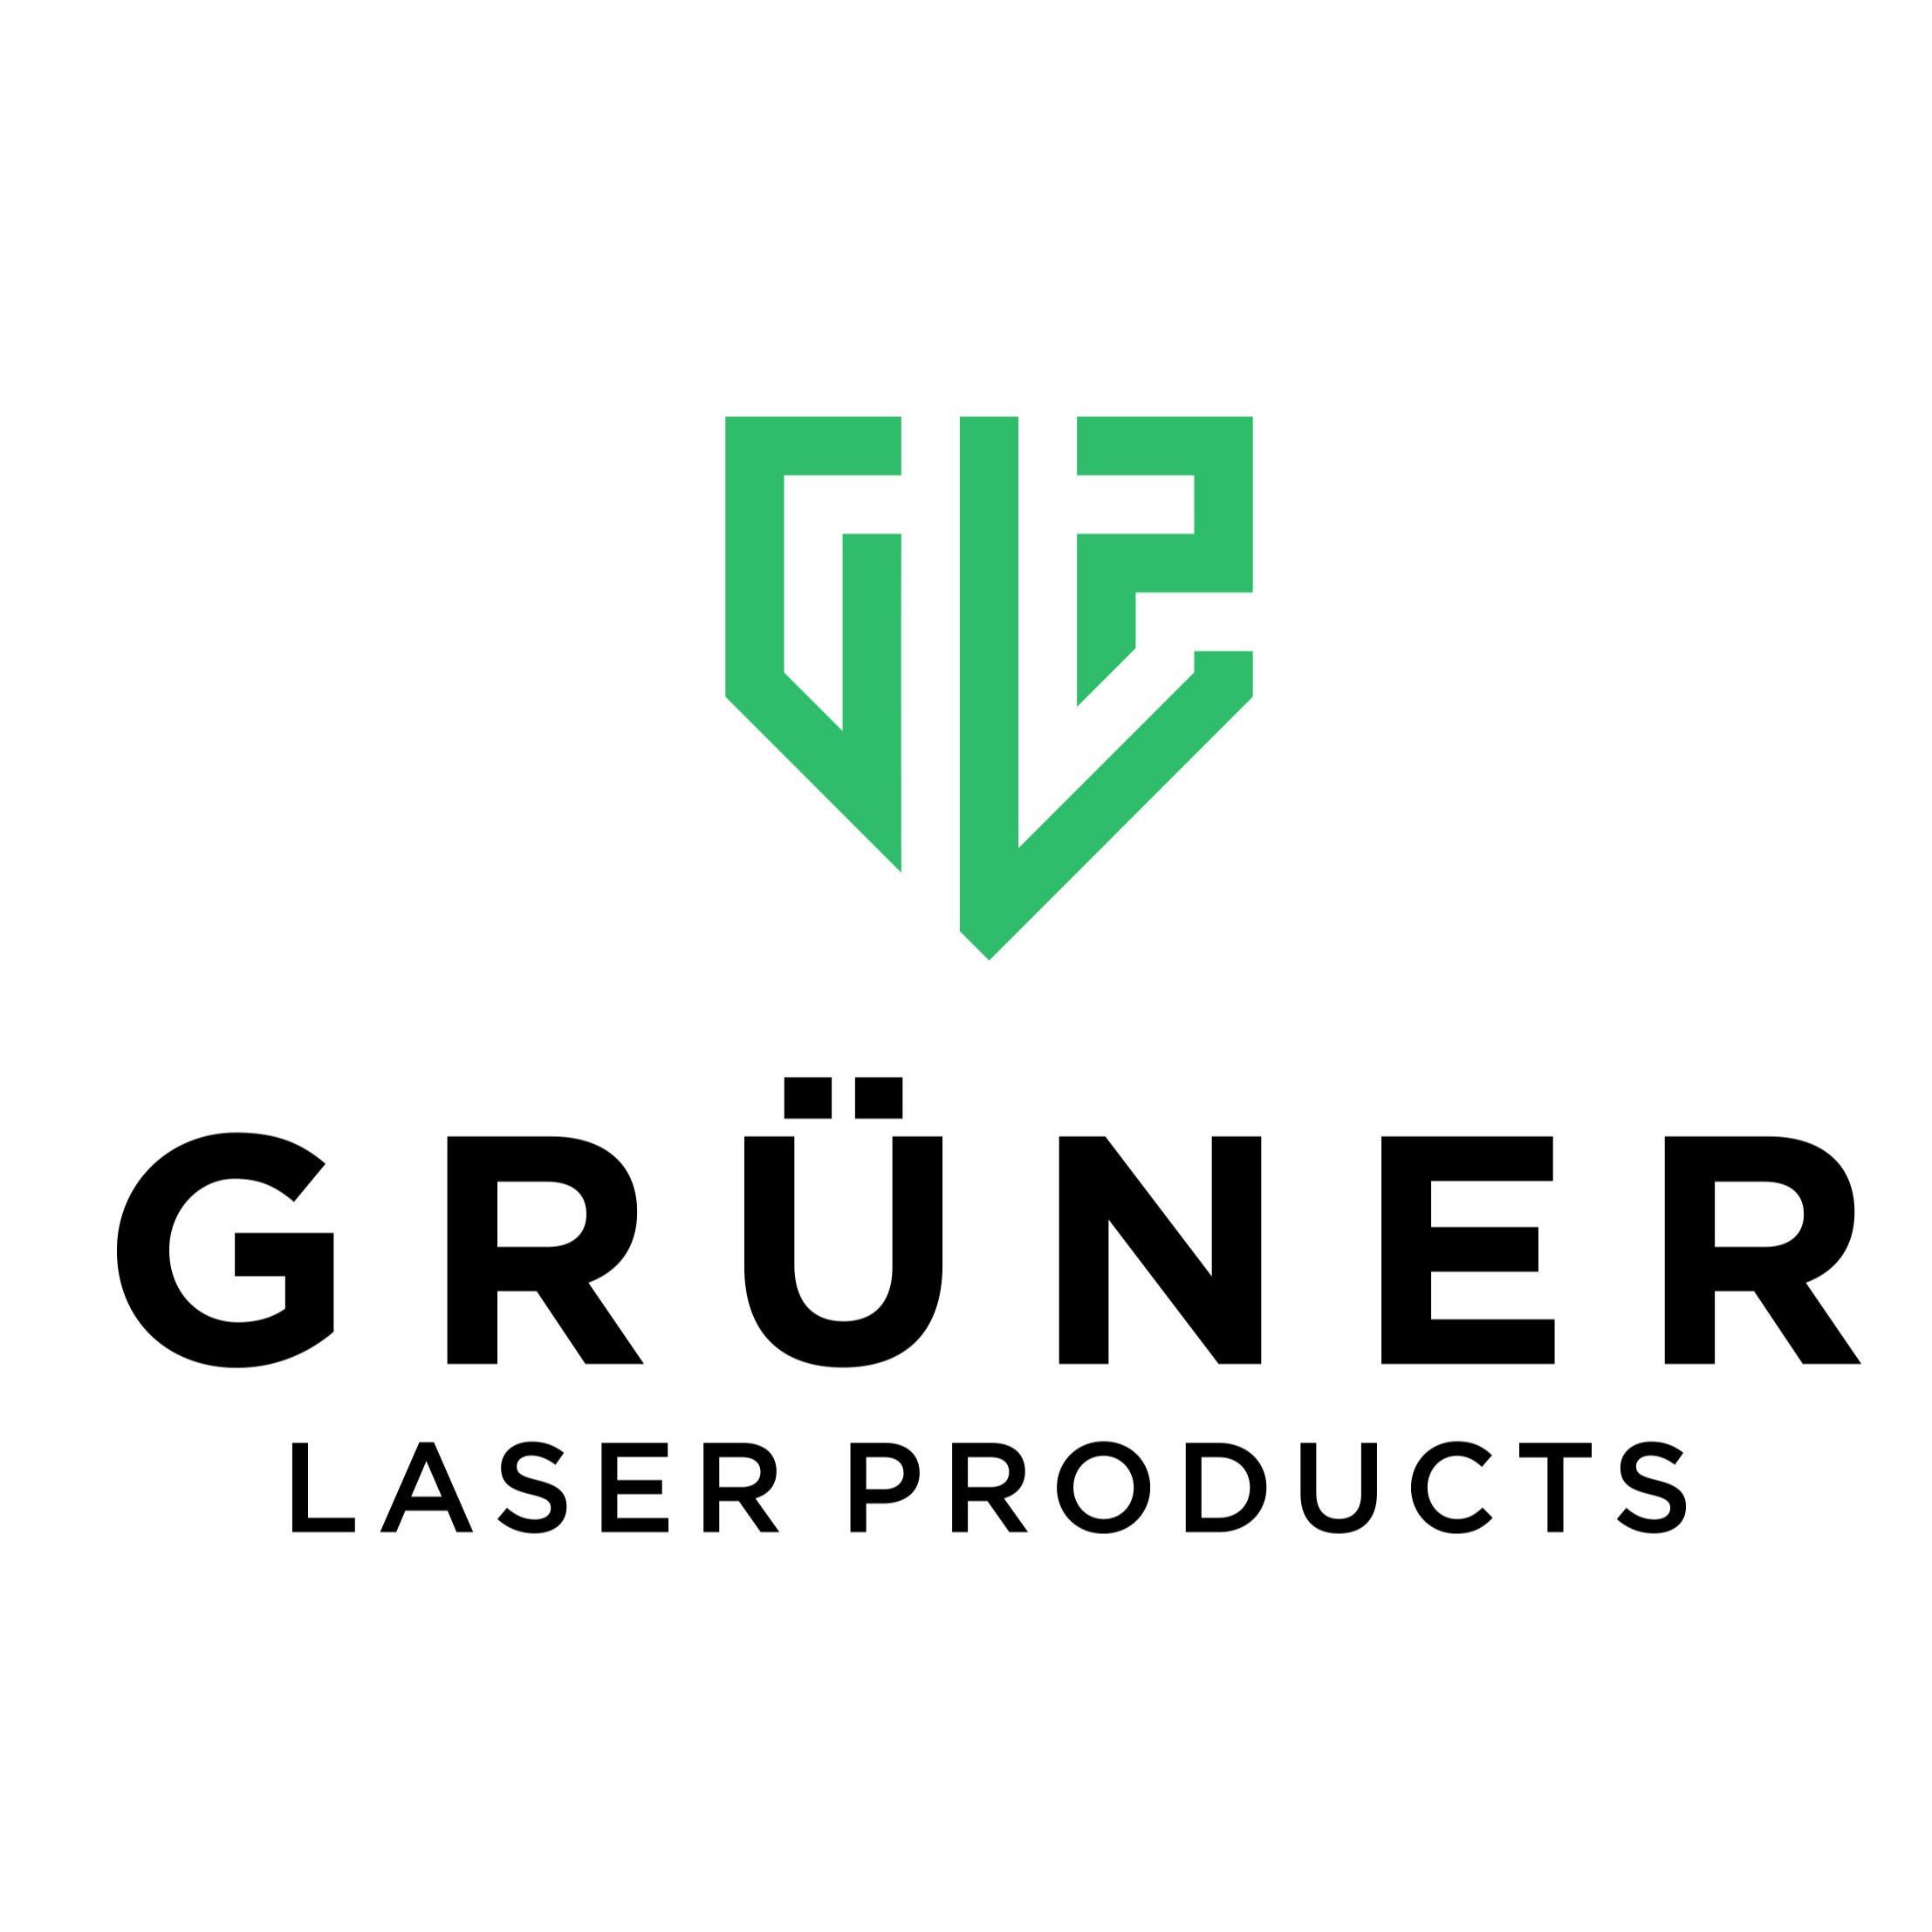 Bild zu Grüner Laser Products GmbH & Co. KG in München